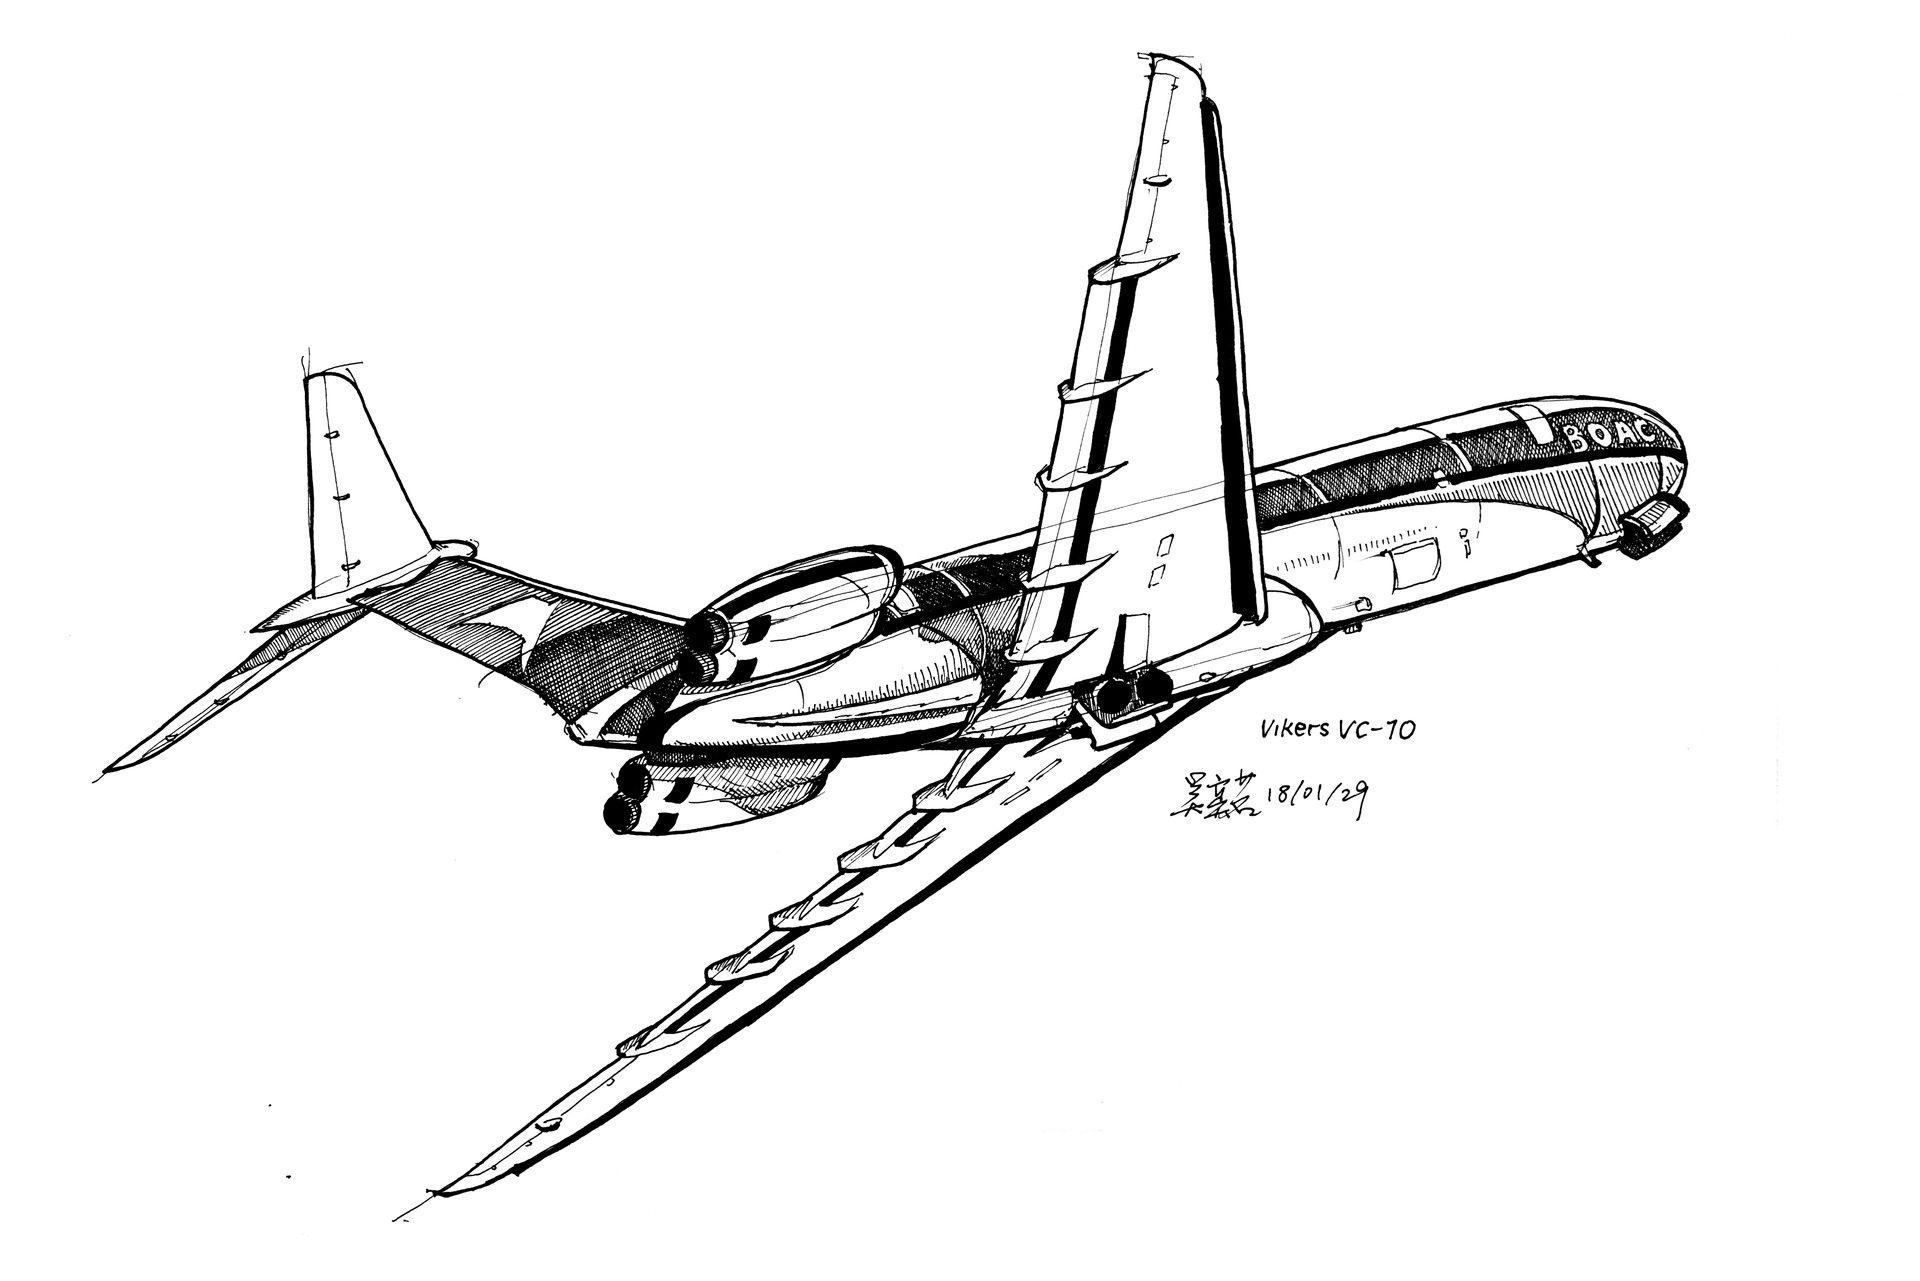 ArtStation - Aircraft Sketches, Yiming Wu | Графика ...